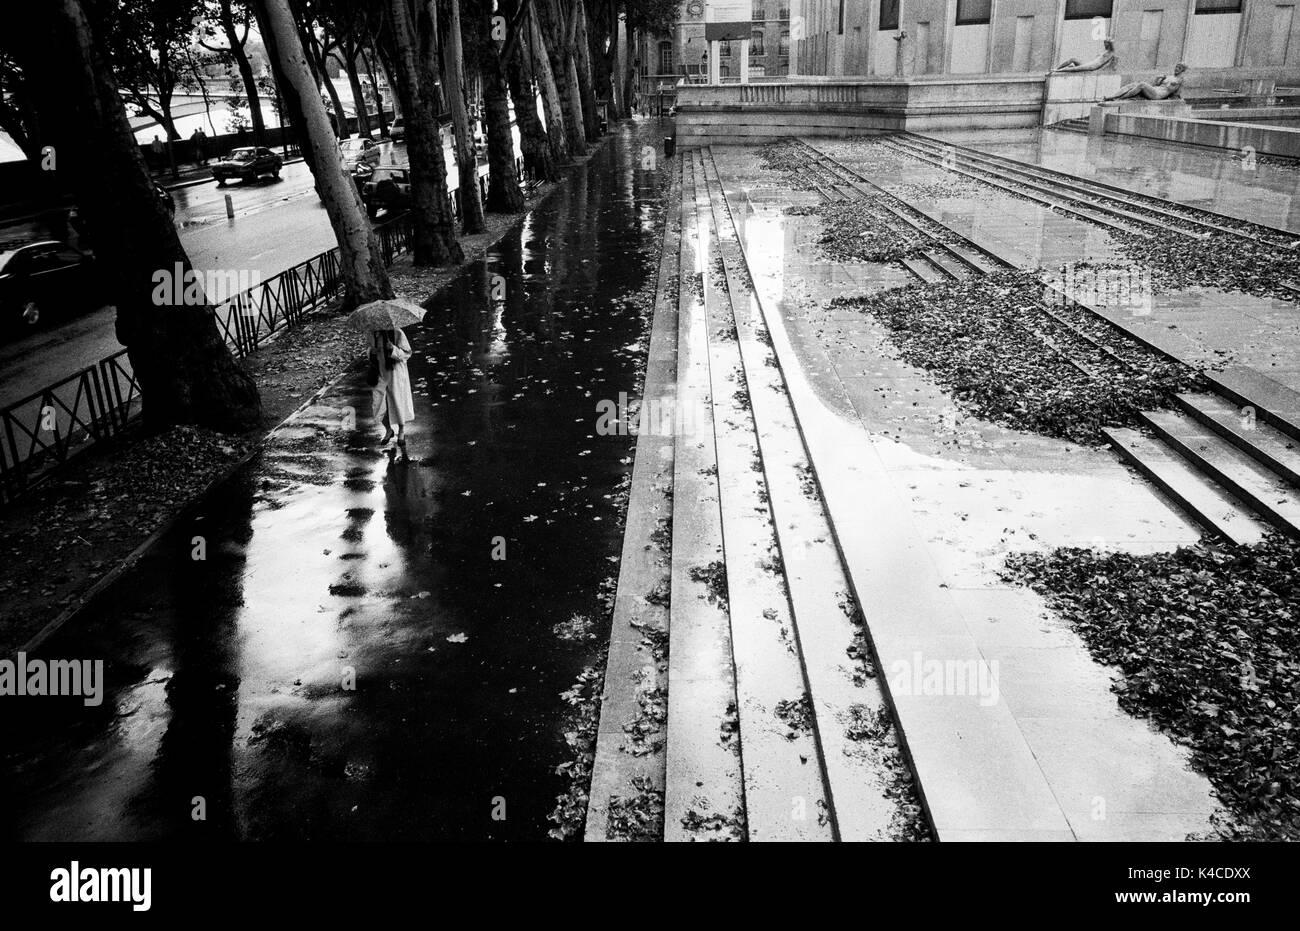 PARIS STREET PHOTOGRAPHY - AVENUE DE NEW-YORK PARIS - MUSEE D'ART MODERNE PARIS - BLACK AND WHITE PHOTOGRAPHY - SILVER FILM © Frédéric BEAUMONT Stock Photo